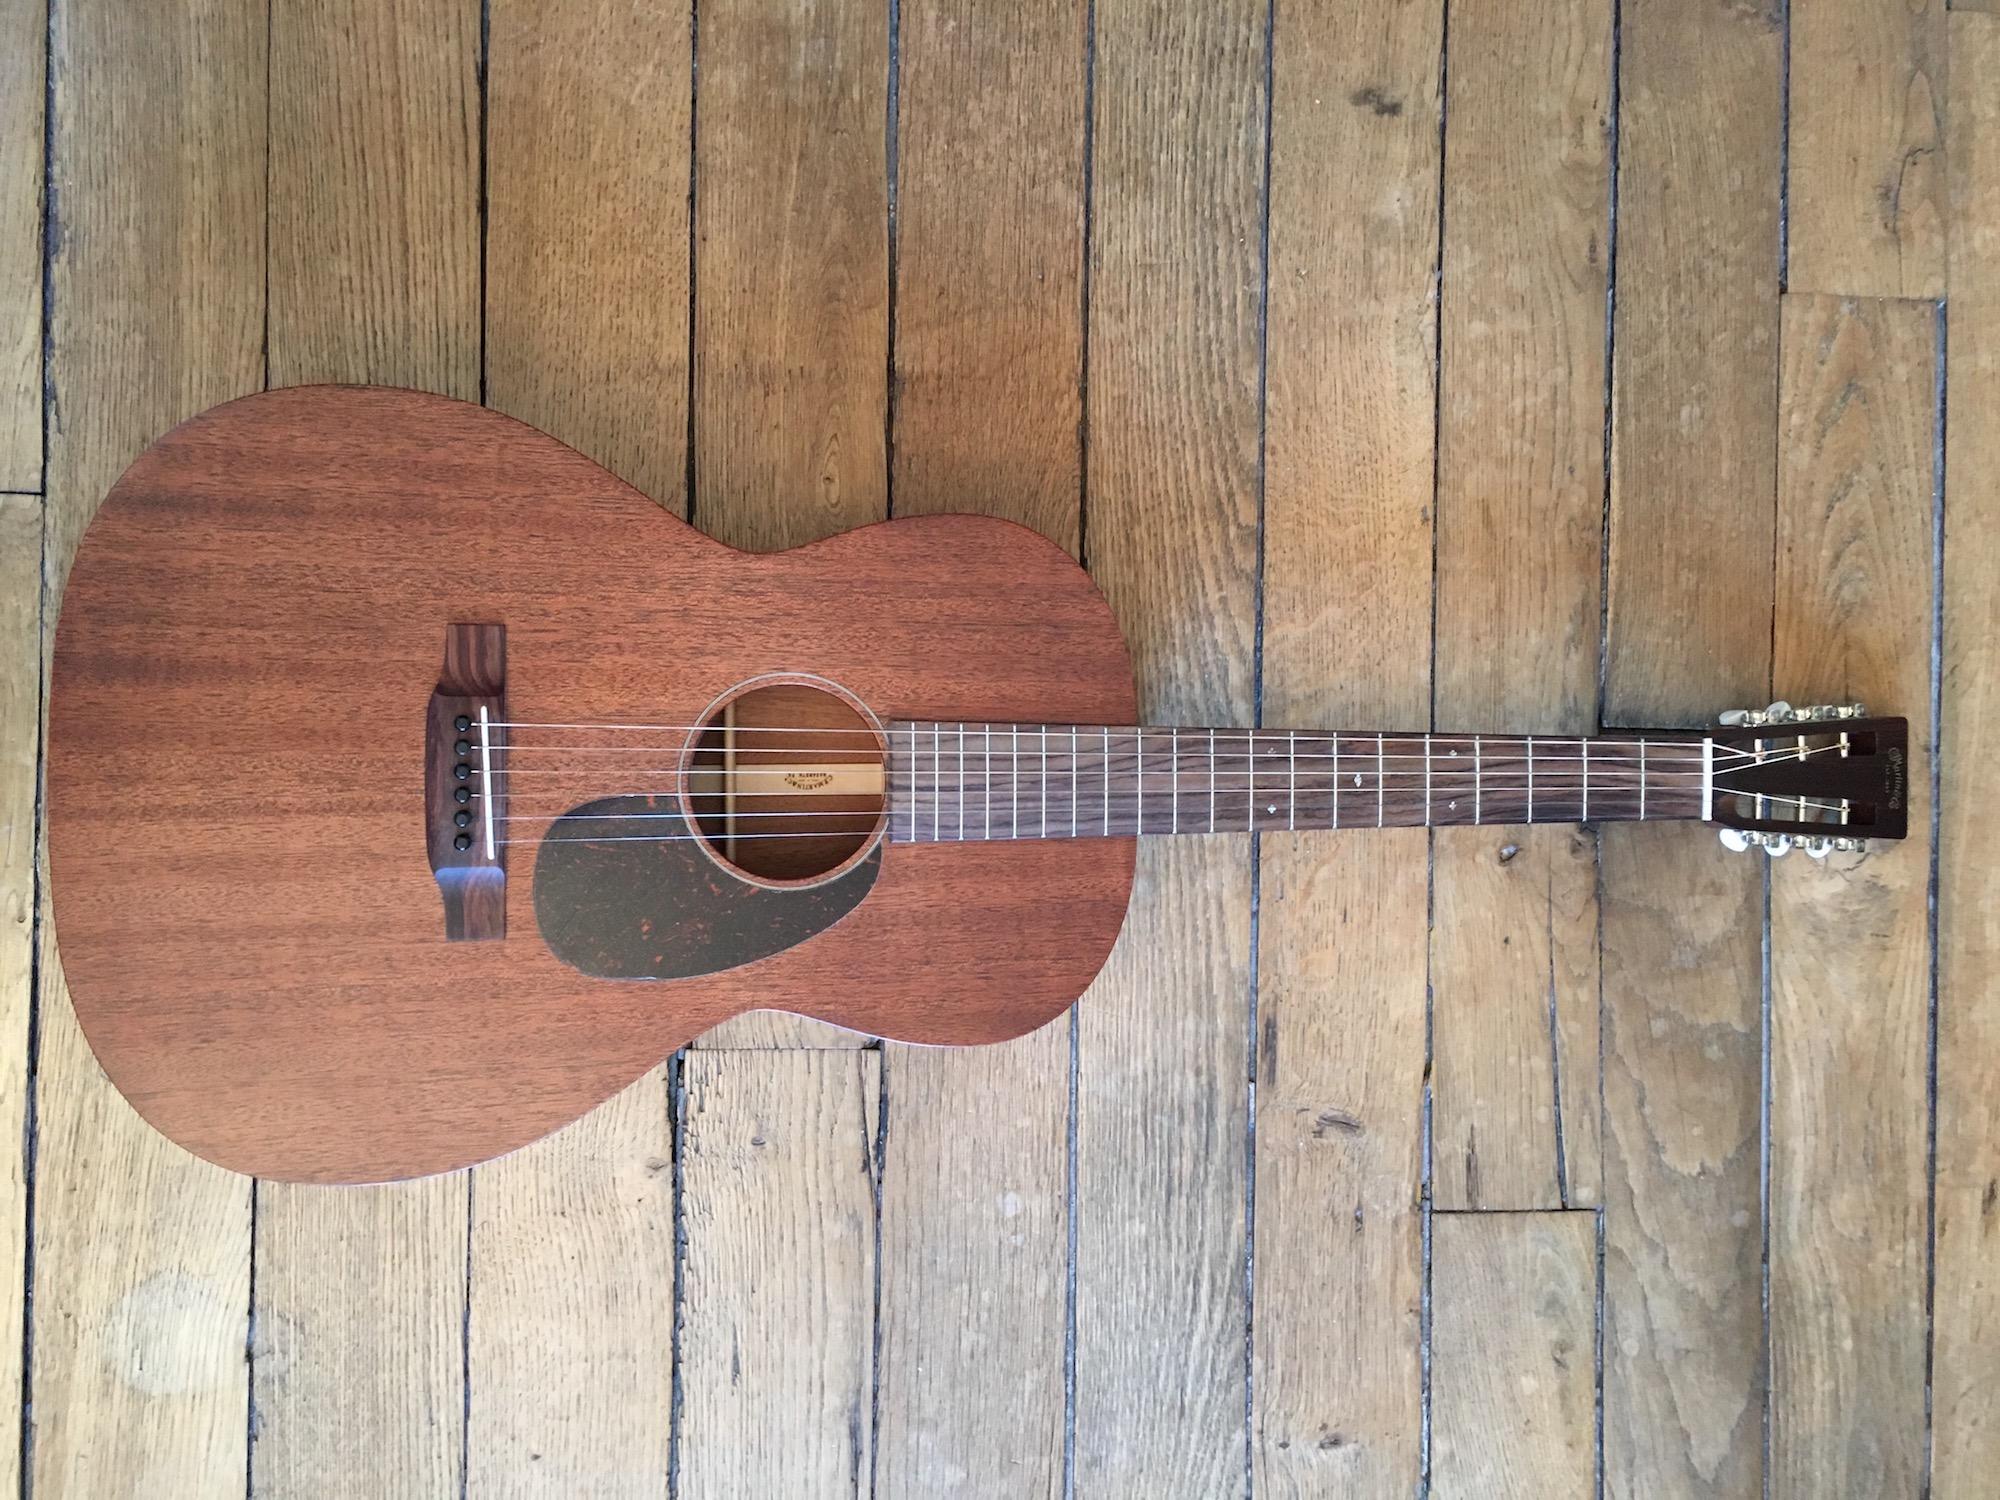 Guitar Review - Martin 000-15SM: 100% Mahogany